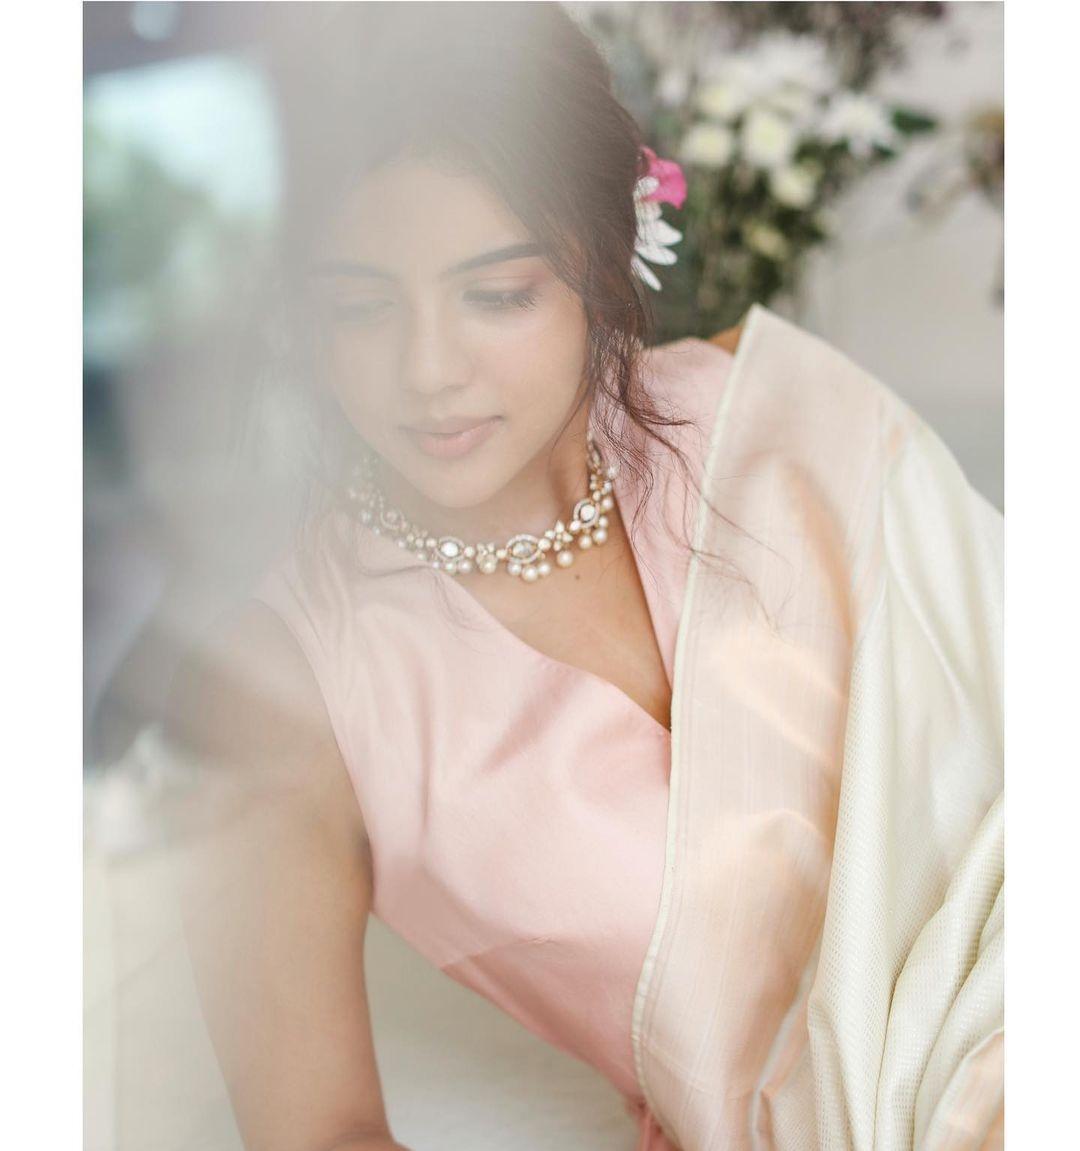 Kalyani Priyadrashan in a white sundari silks saree